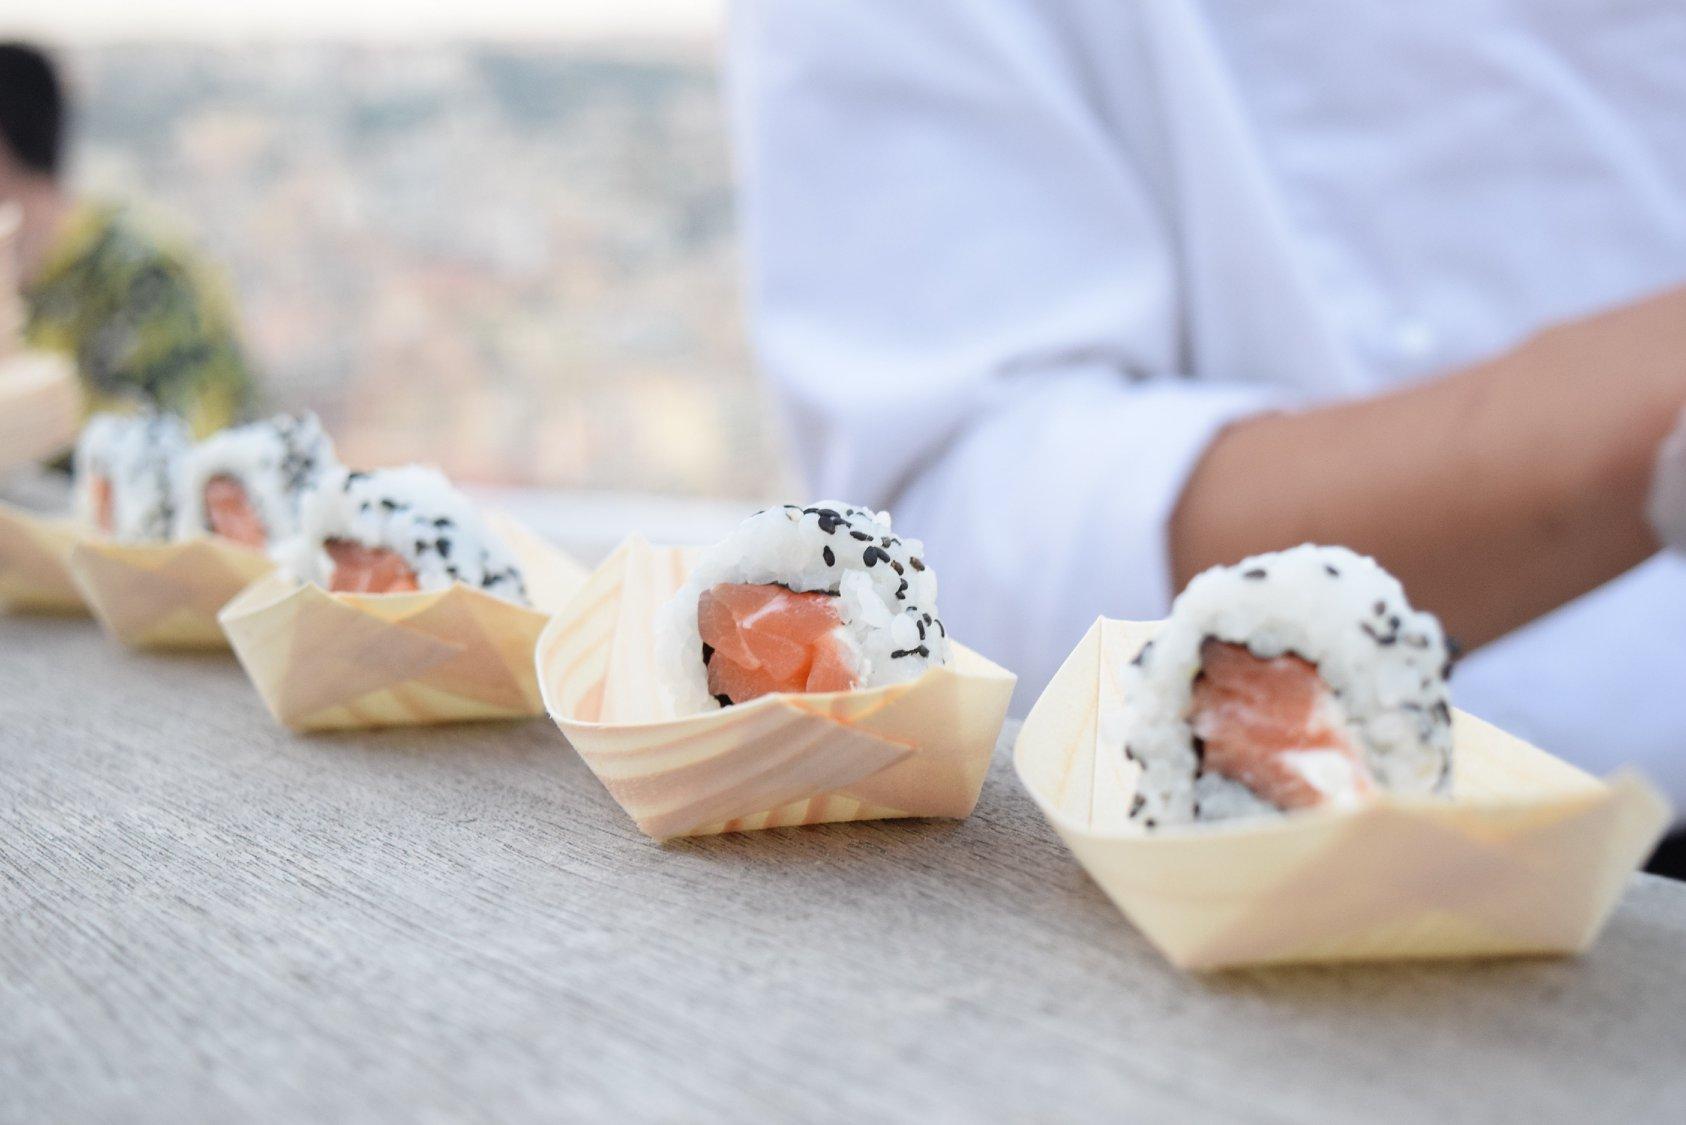 giappo sushi bar